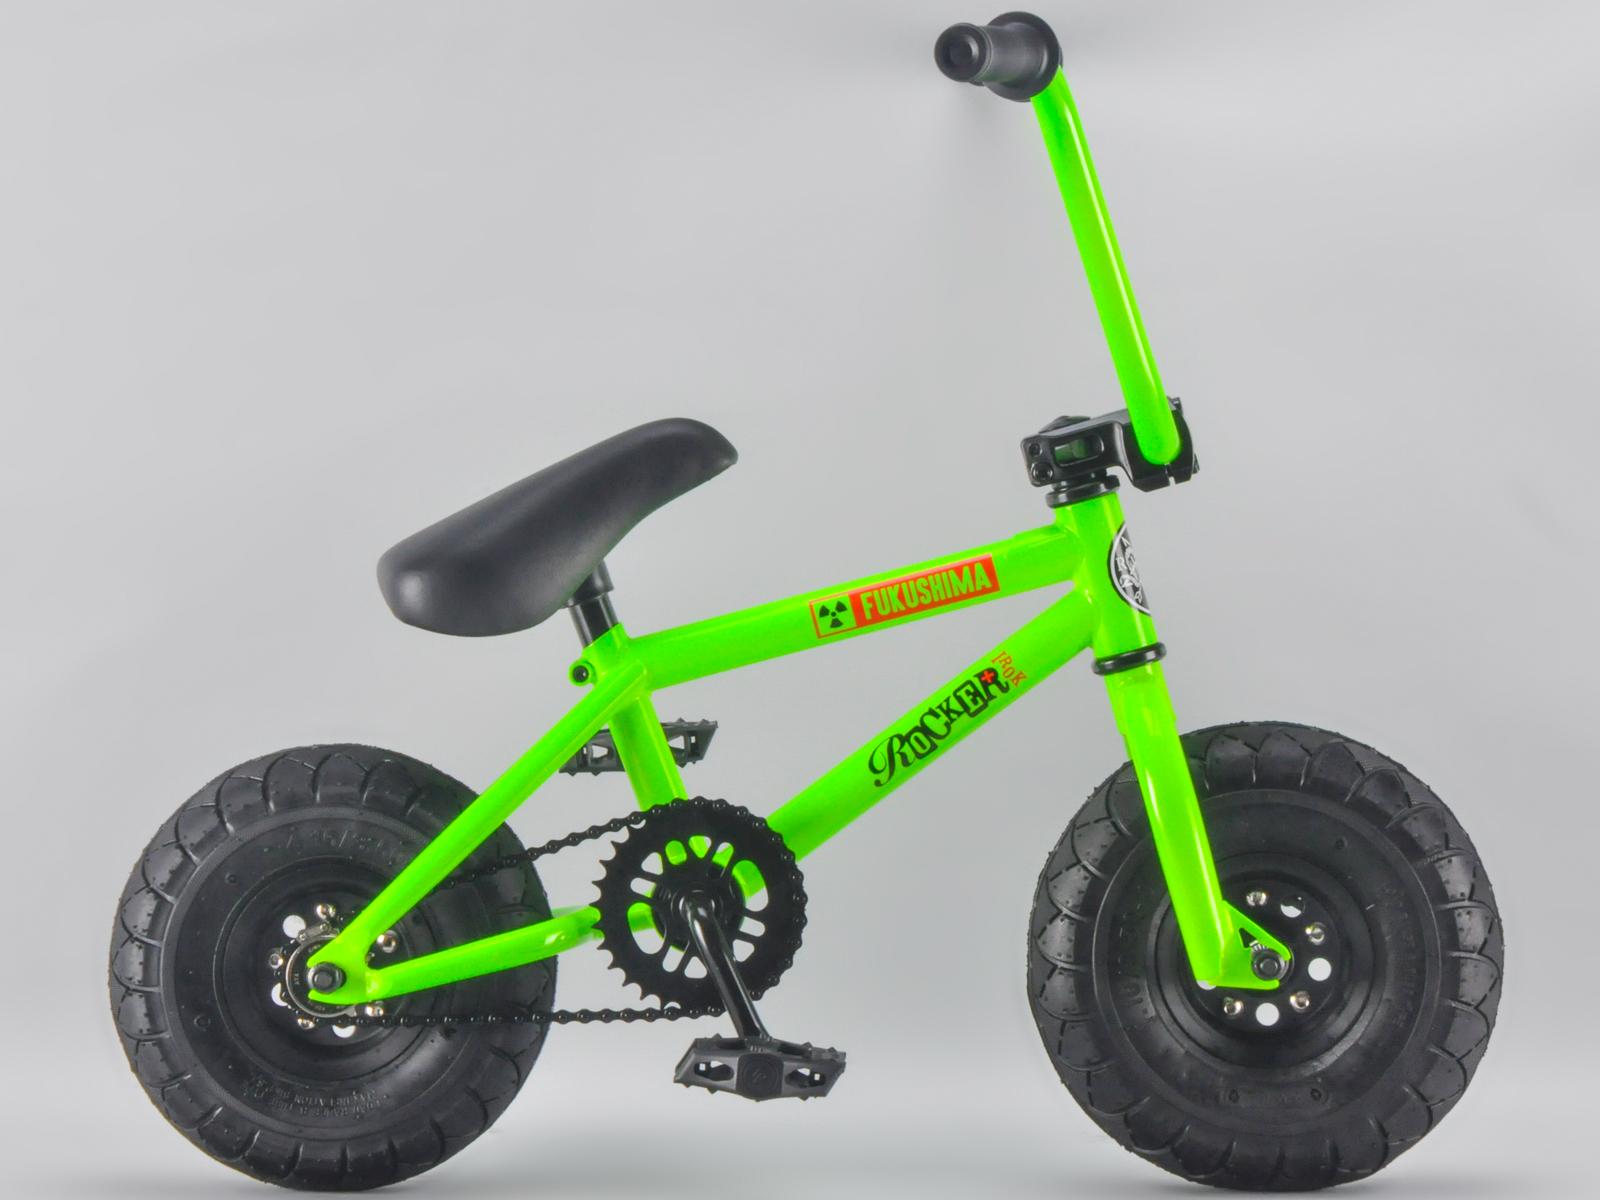 genuine rocker fukushima irok bmx rkr mini bmx bike. Black Bedroom Furniture Sets. Home Design Ideas